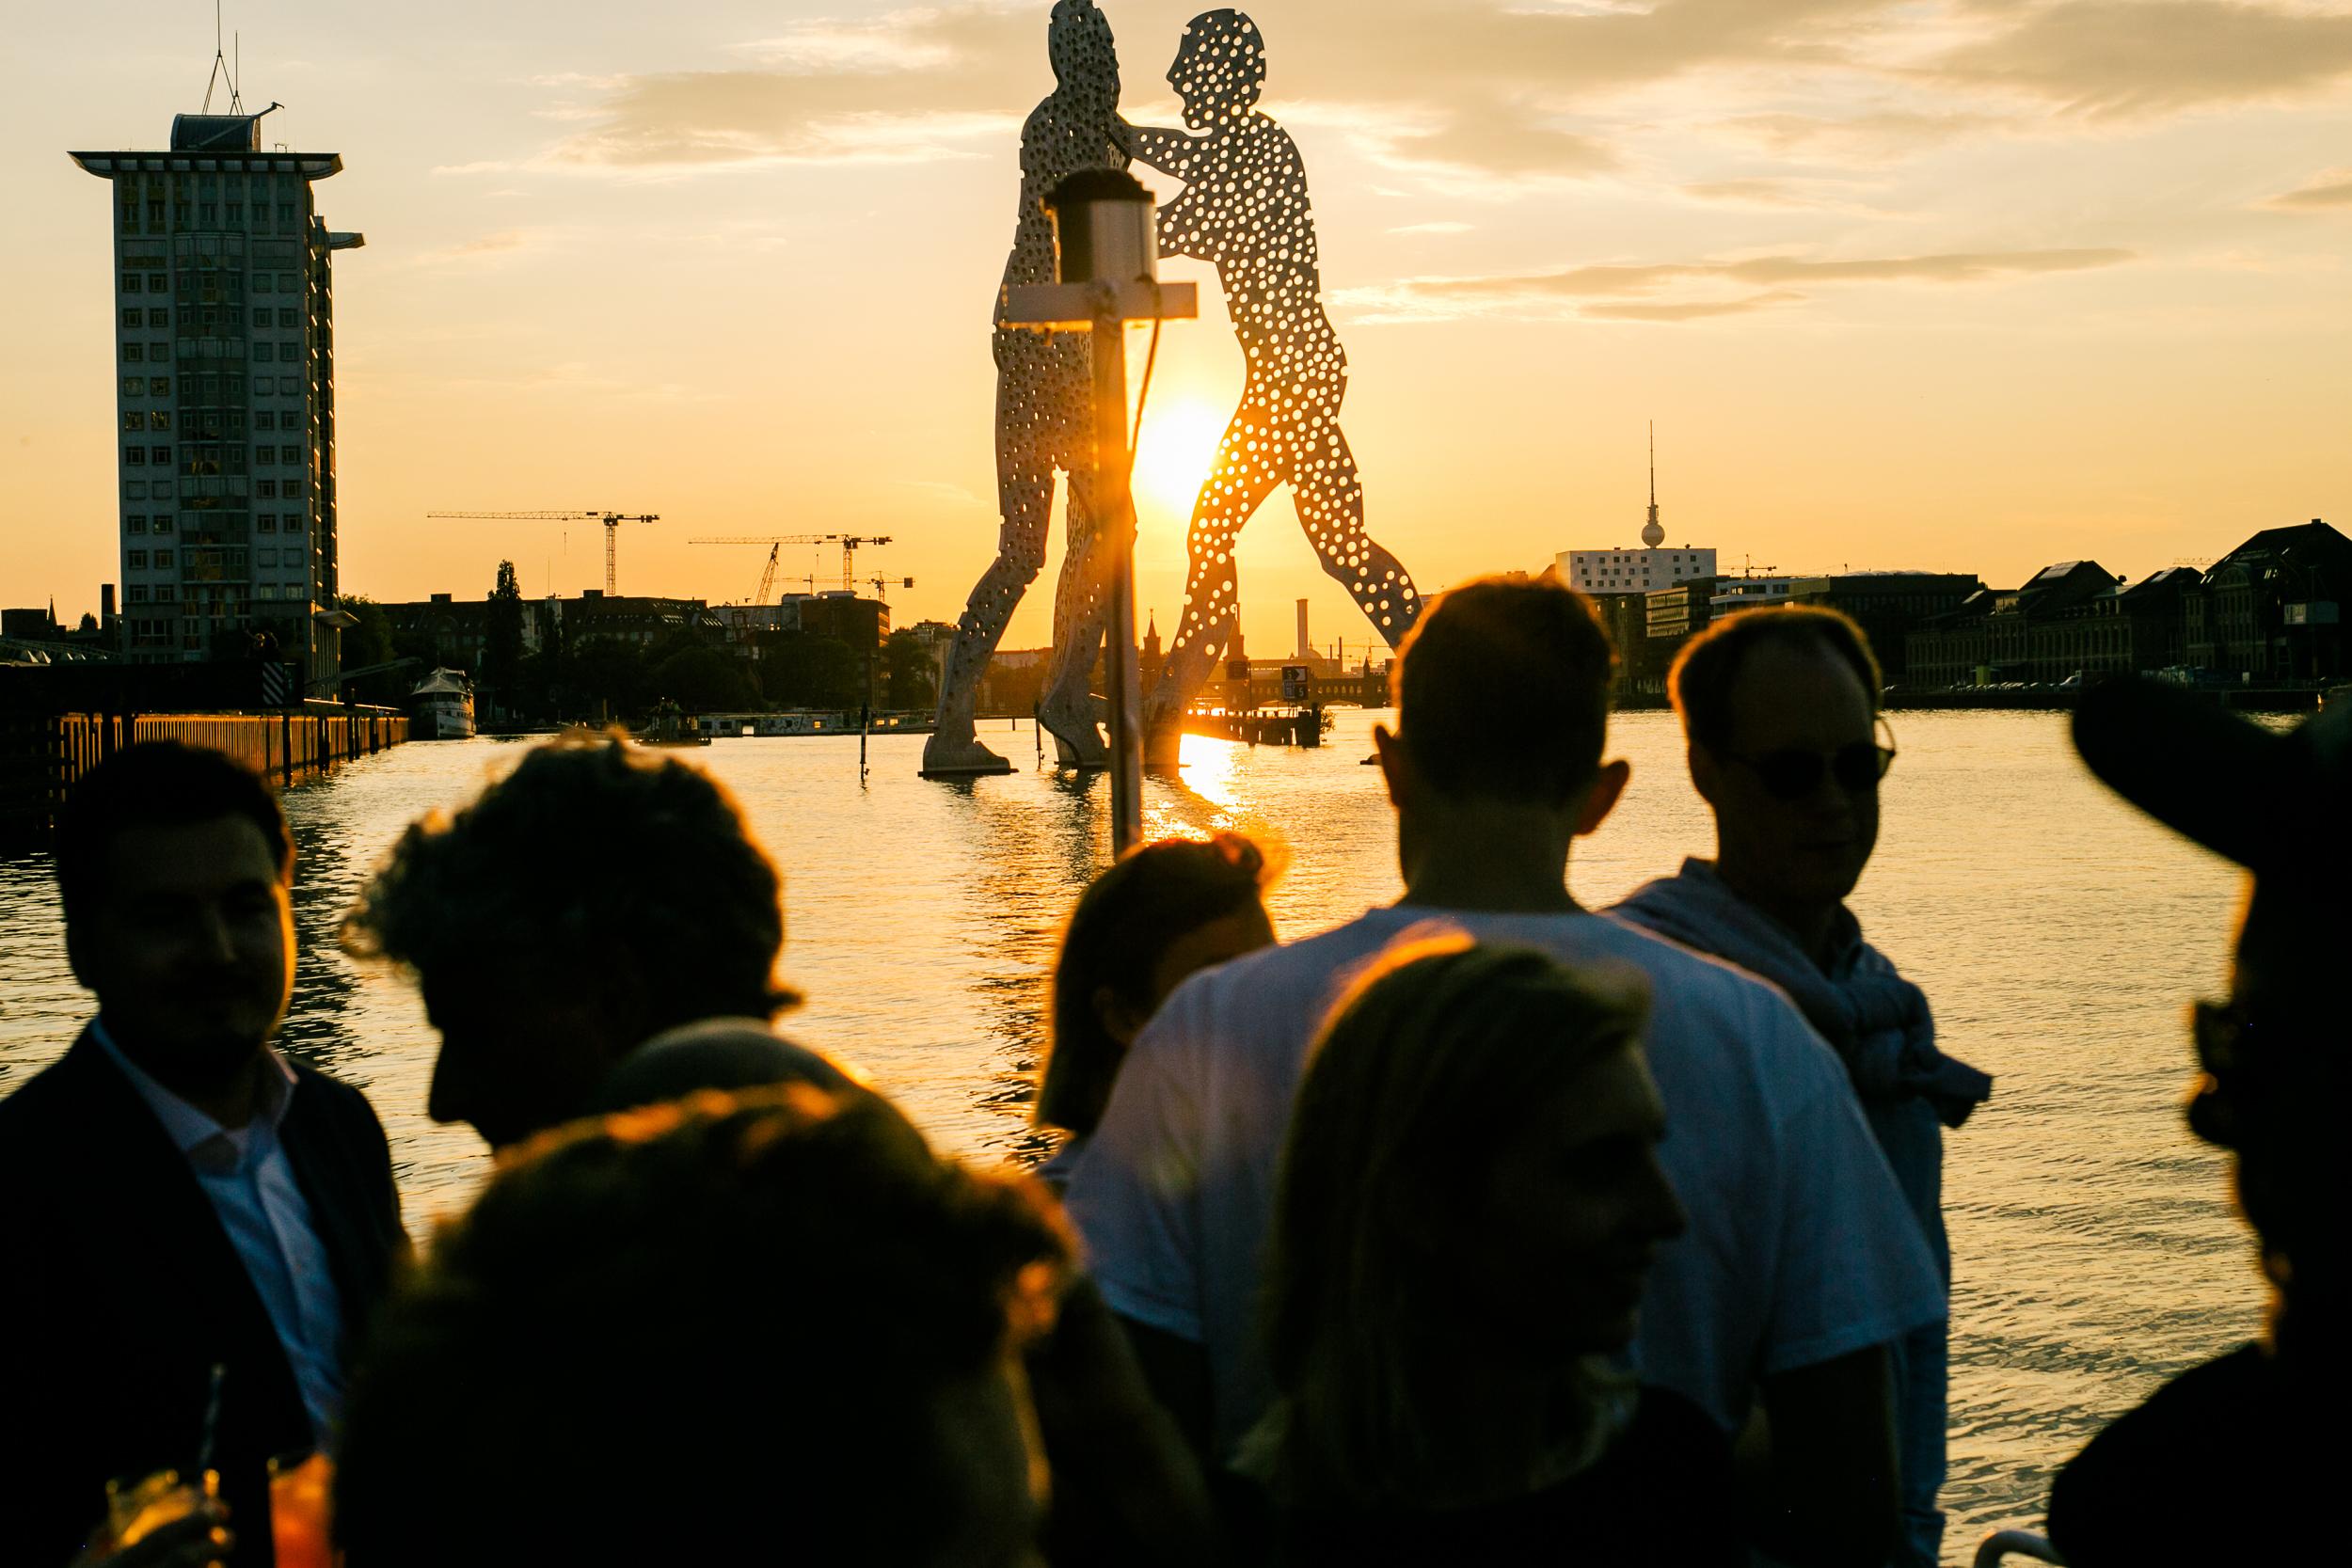 Sekt on the river - Bei einem kühlen Getränk und guter Musik schippernwir dem Sonnenuntergang entgegen und erleben Berlin aus einer ganz neuen Perspektive.